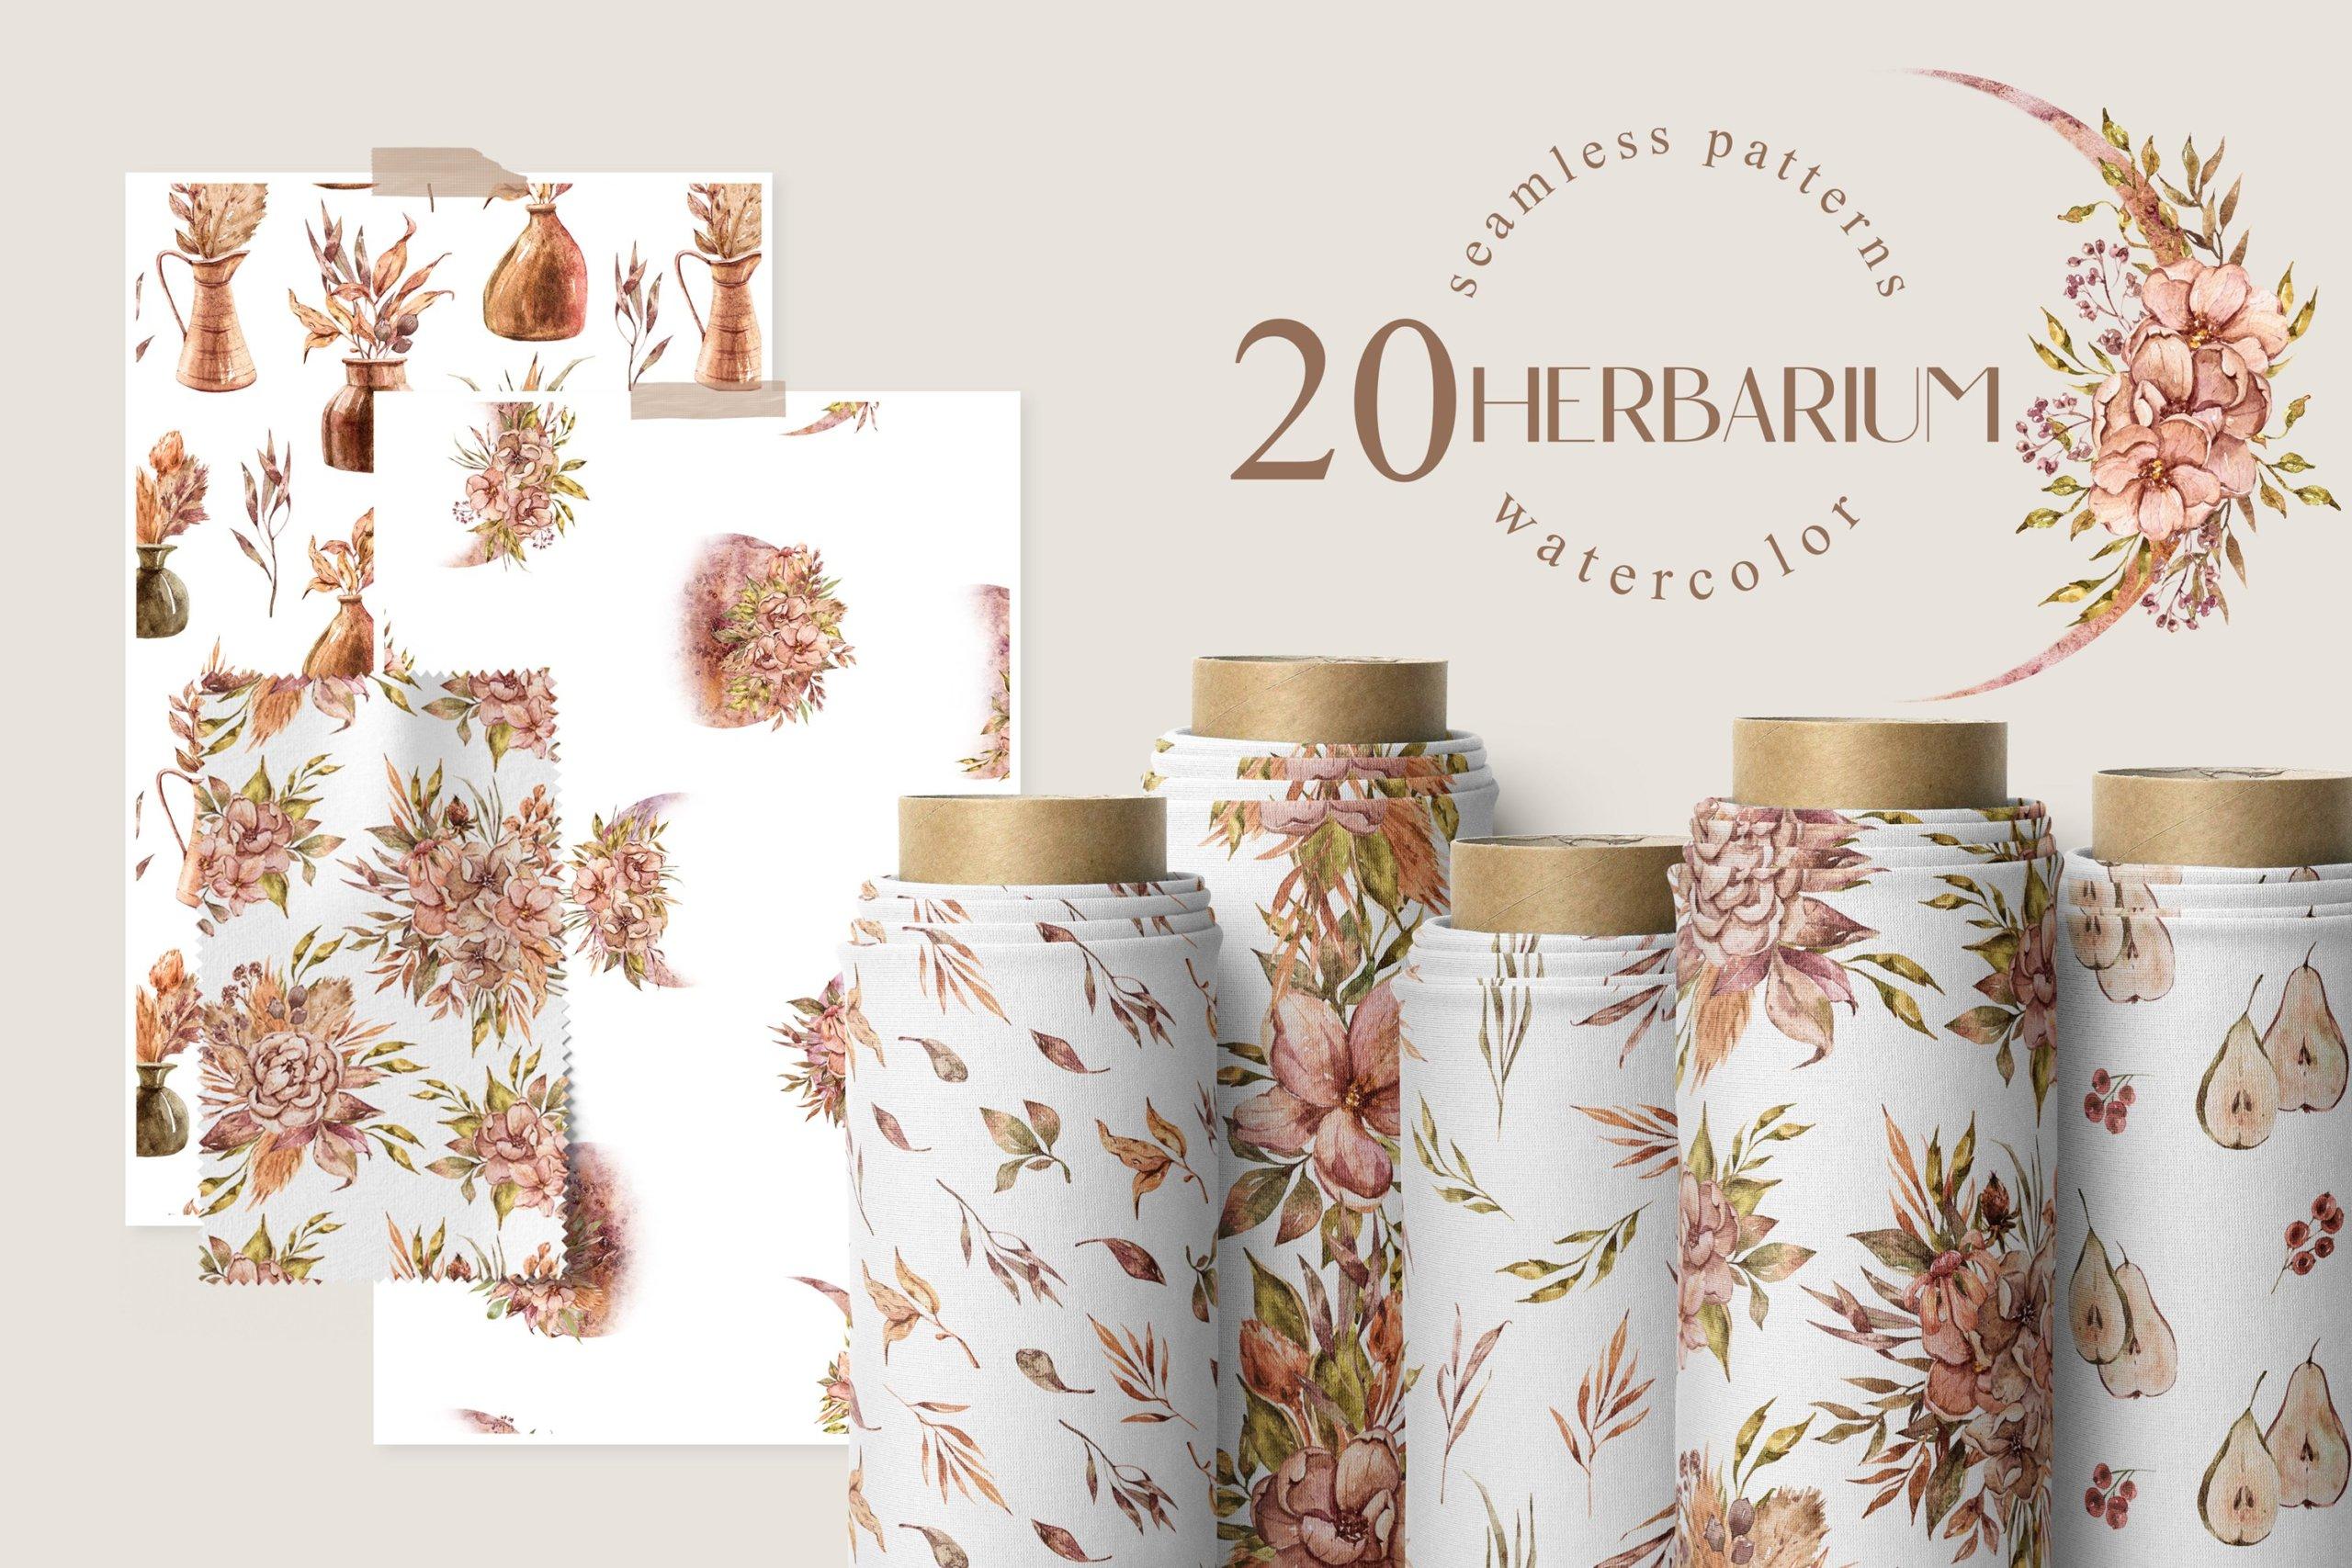 15款高清花卉字母手绘水彩插图图片设计素材 Watercolor Floral Seamless Patterns插图